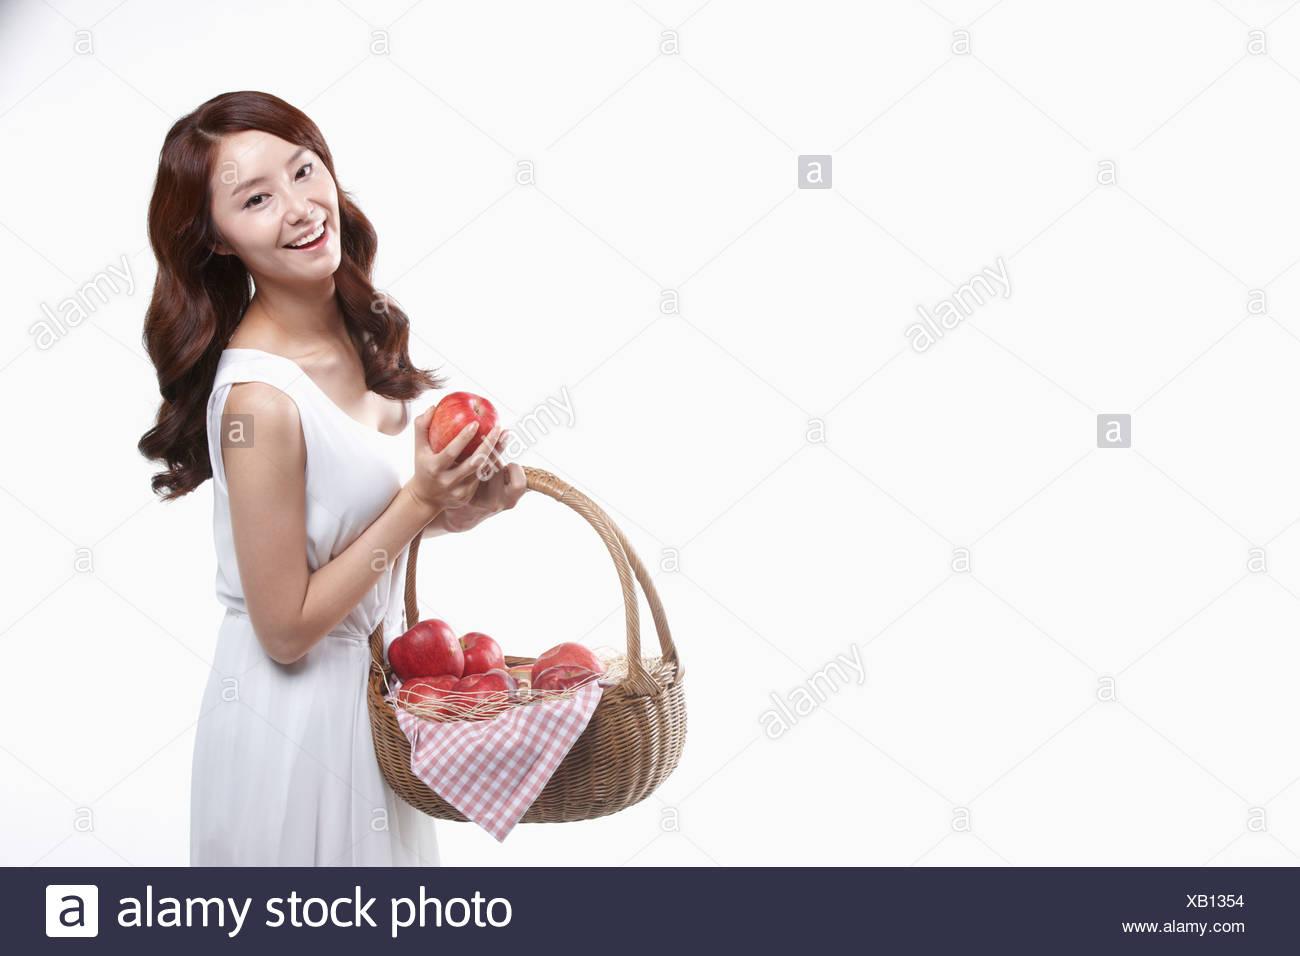 Una señora en vestido blanco sosteniendo una cesta de manzanas. Imagen De Stock